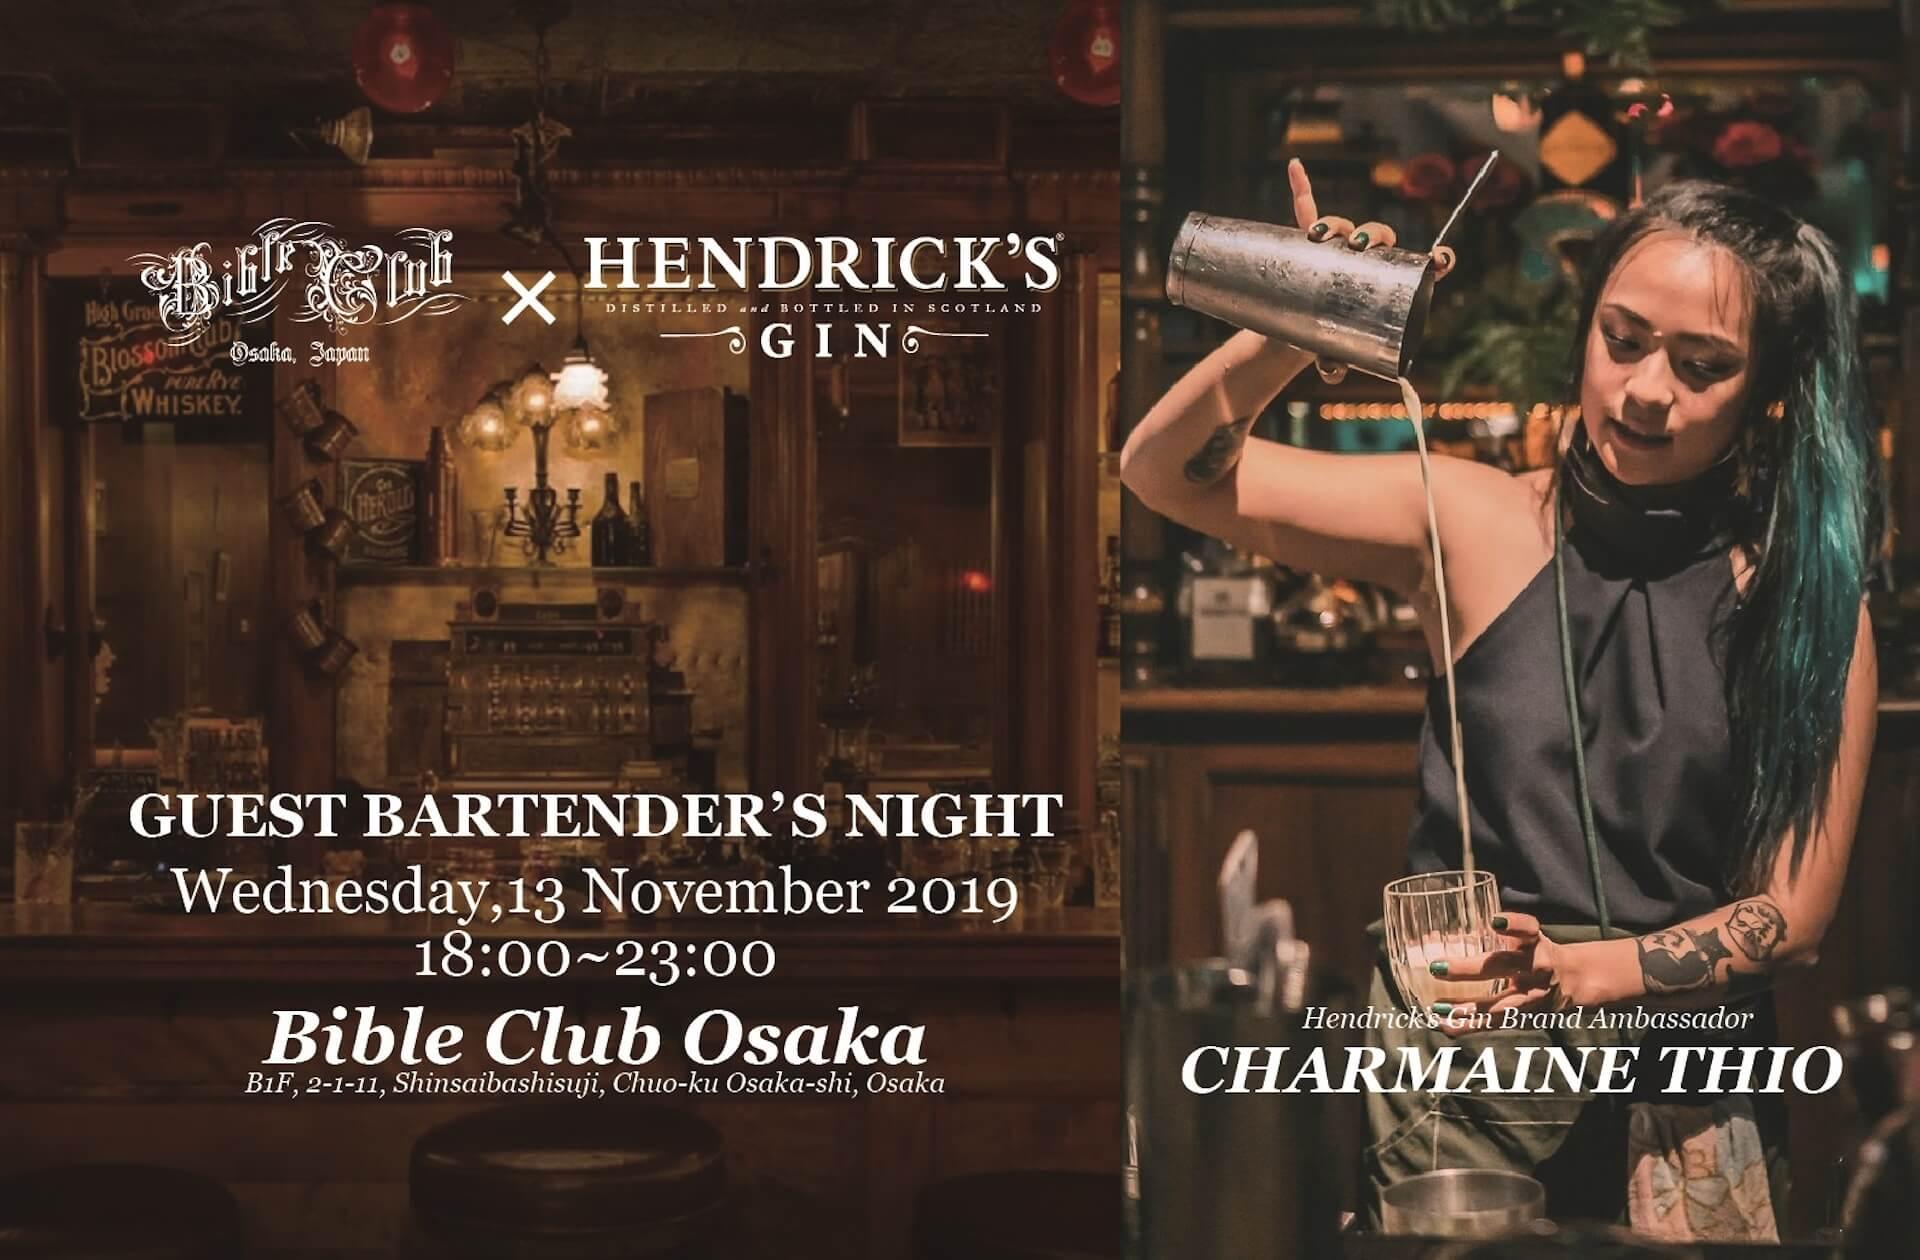 最高級のクラフトジンカクテルを大阪で!<Bible Club Osaka × HENDRICK'S Night>1夜限りのゲストバーテンダーナイト開催 gourmet191030_hendricksgin_1